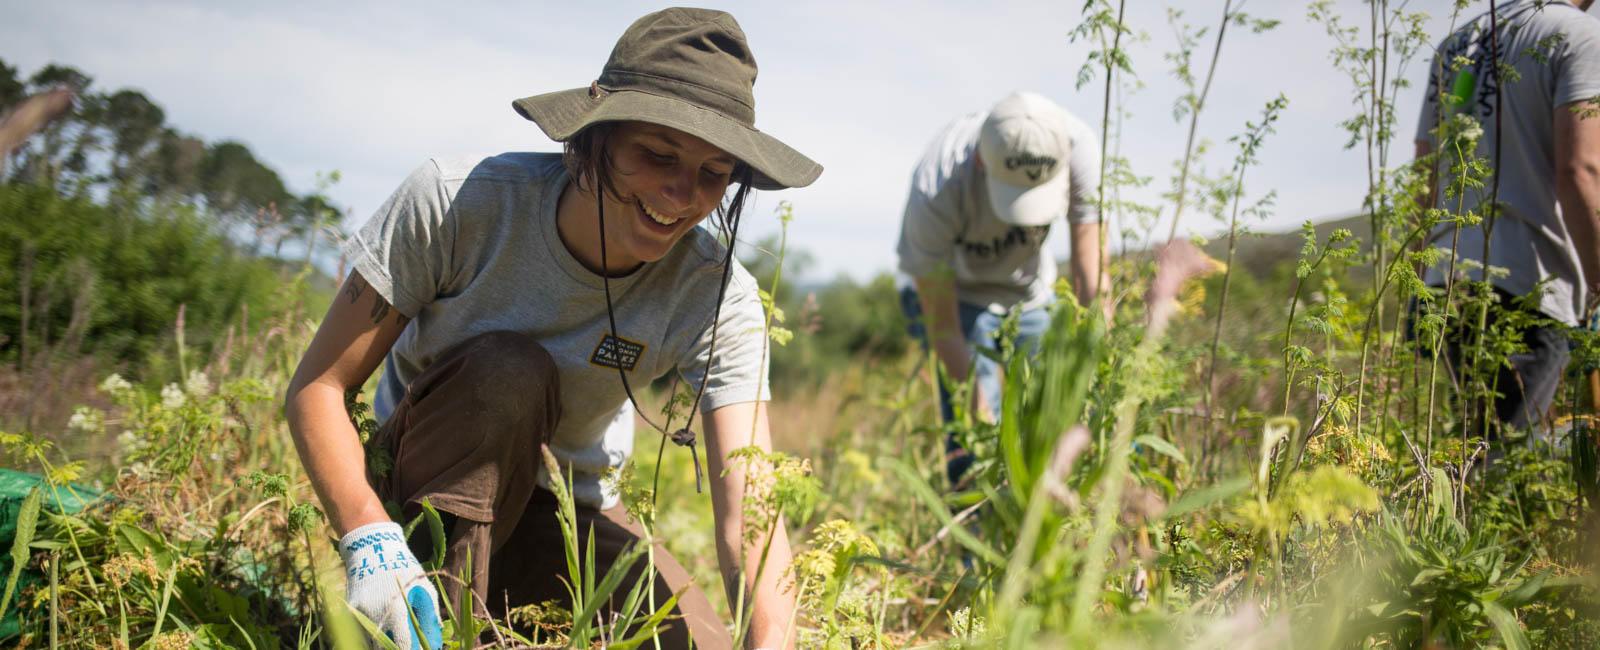 Stewardship Intern at Work